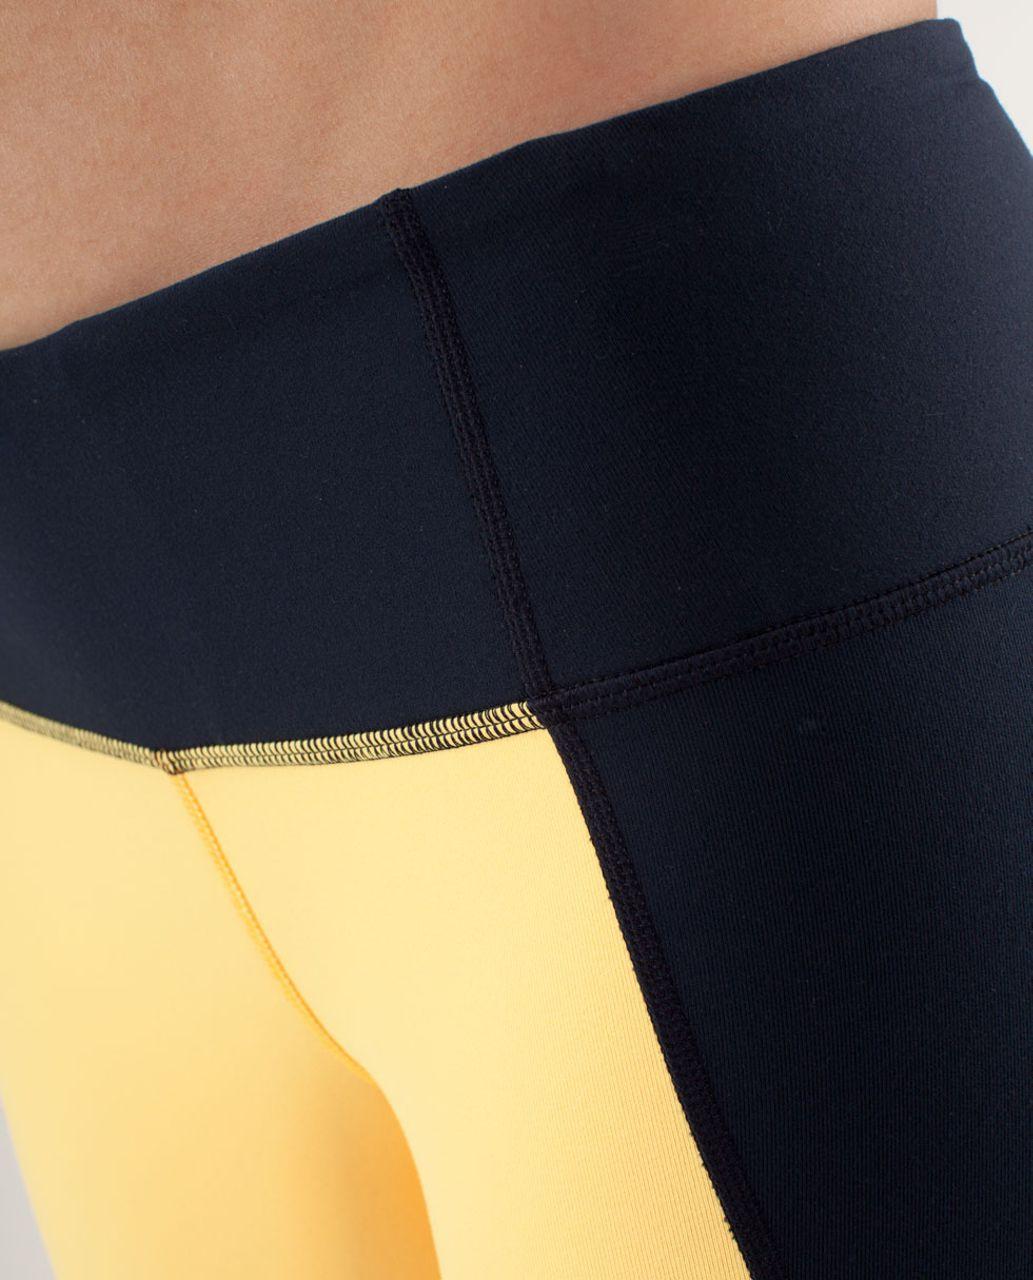 Lululemon Wunder Under Pant *Colour Blocked - Burning Yellow / Inkwell